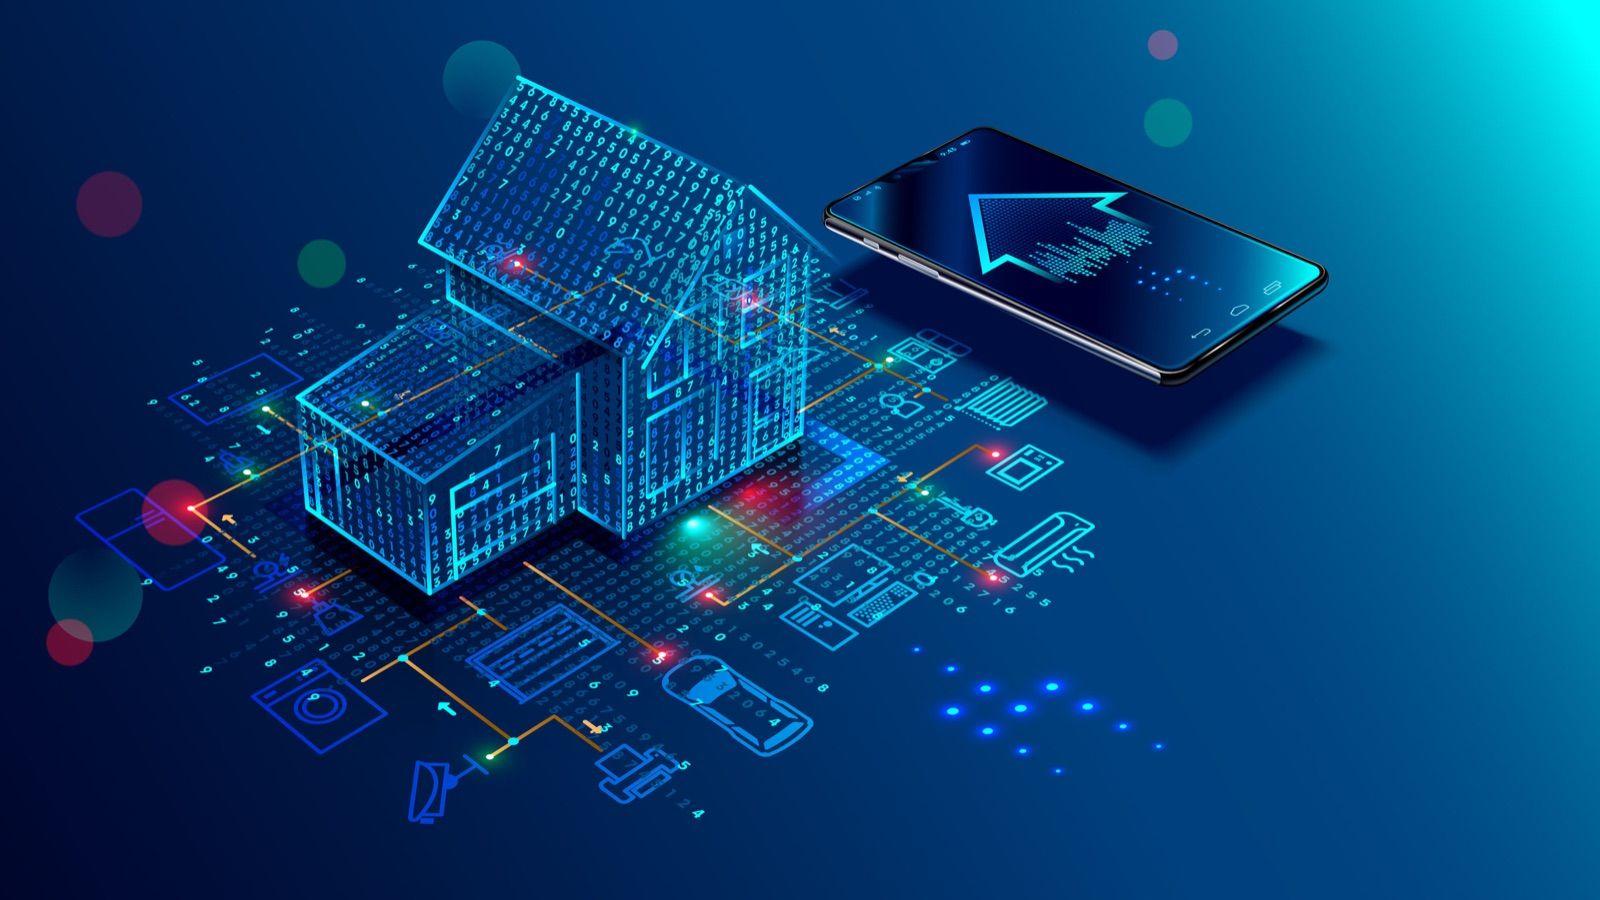 Inteligentný dom (inteligentná domácnosť), cena inteligentných domov